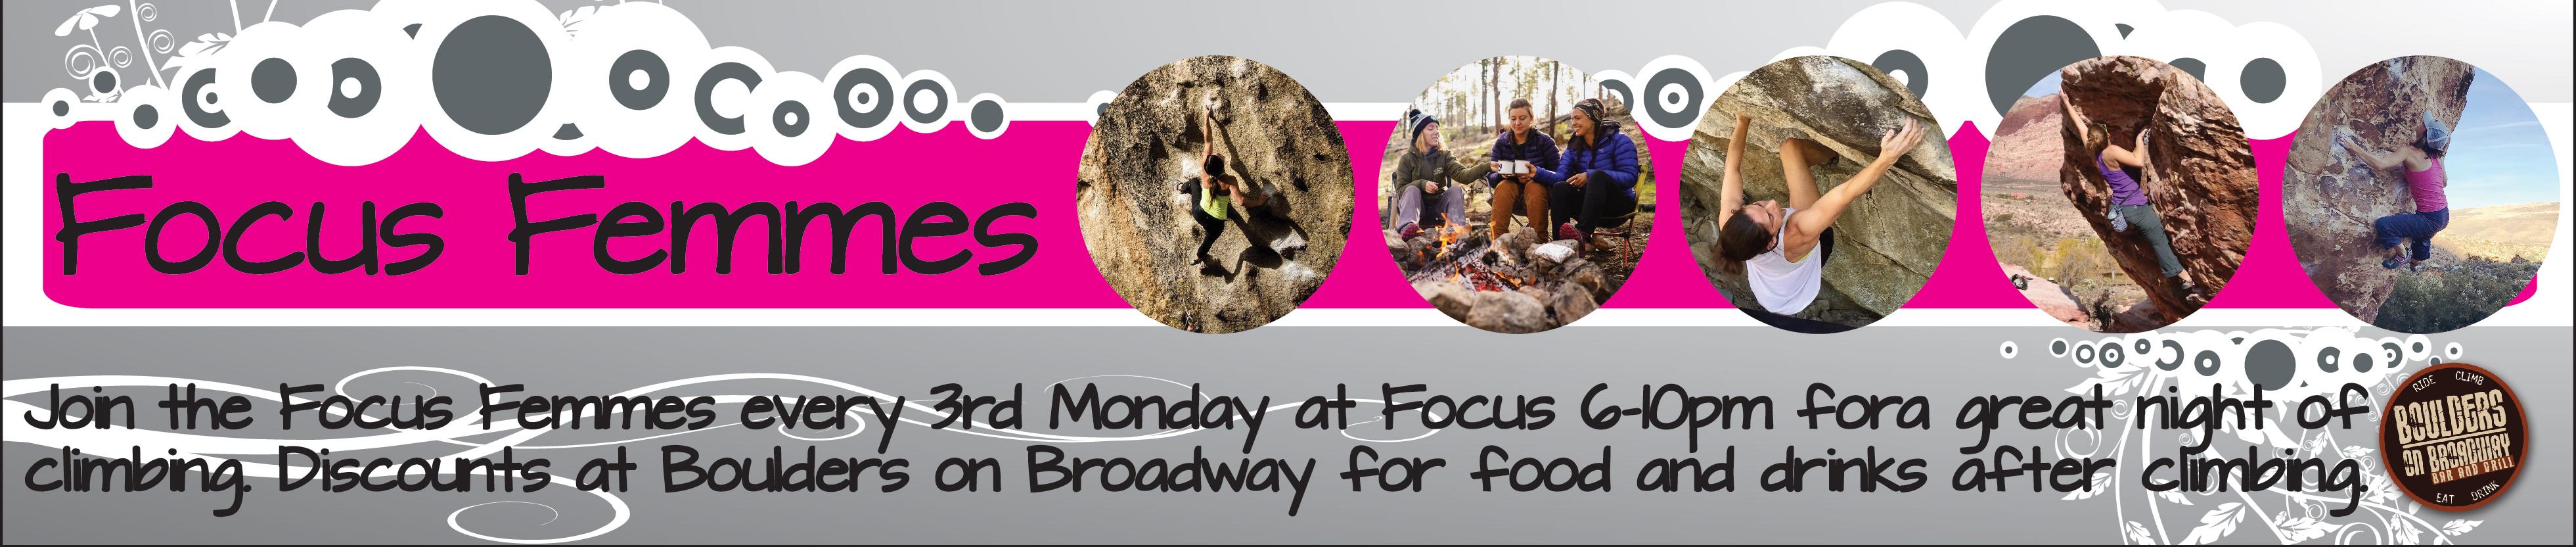 Focus-femmes-2018-900-x-200